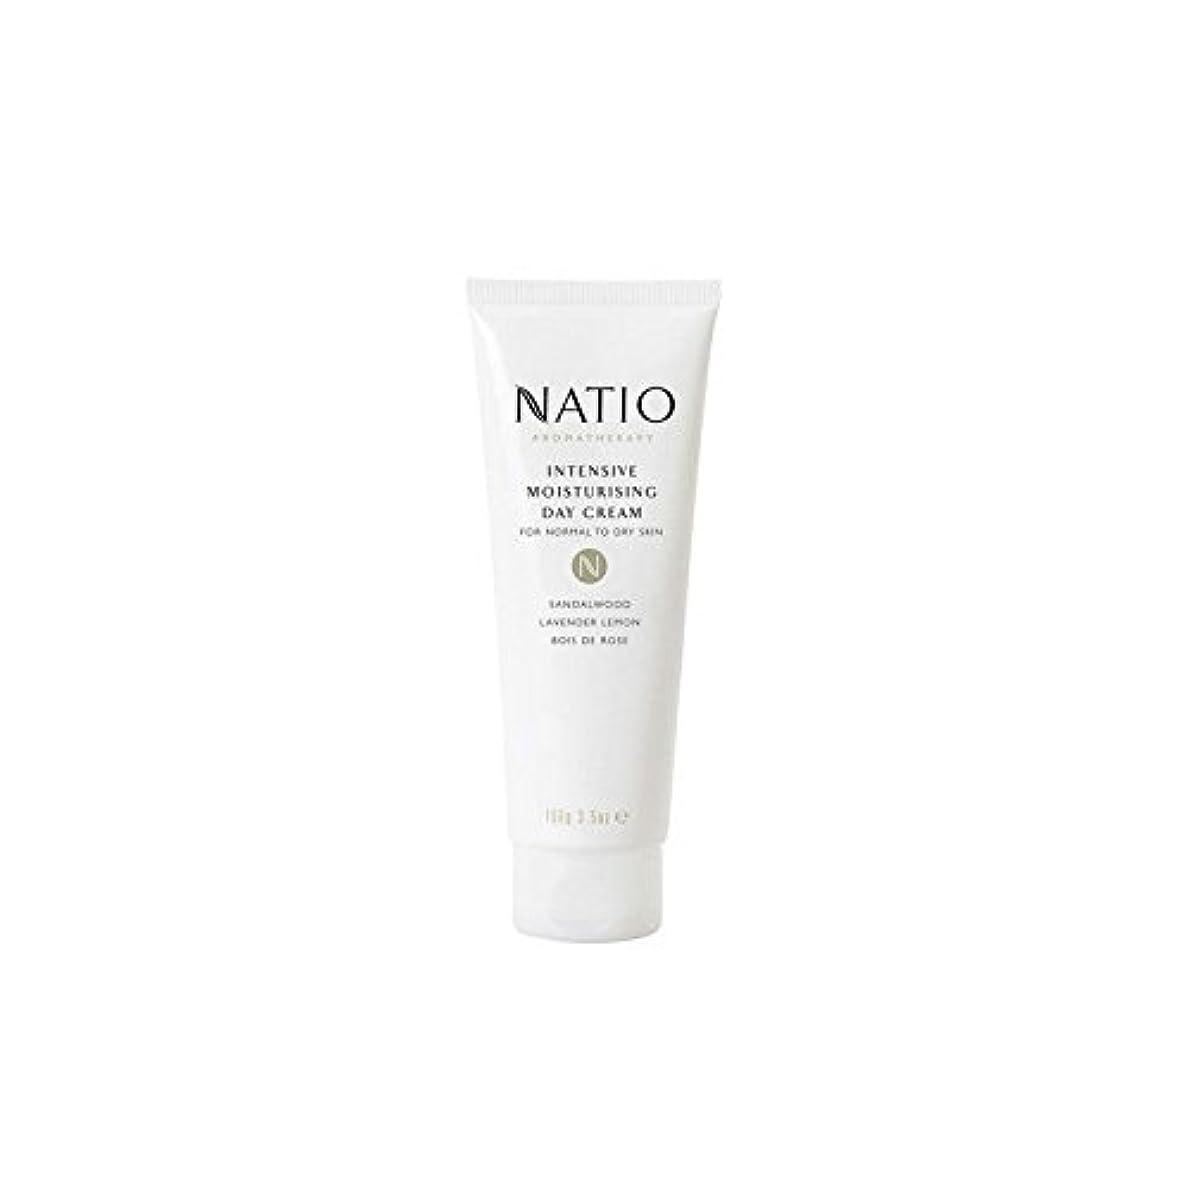 グリル信頼みなさんNatio Intensive Moisturising Day Cream (100G) - 集中的な保湿デイクリーム(100グラム) [並行輸入品]